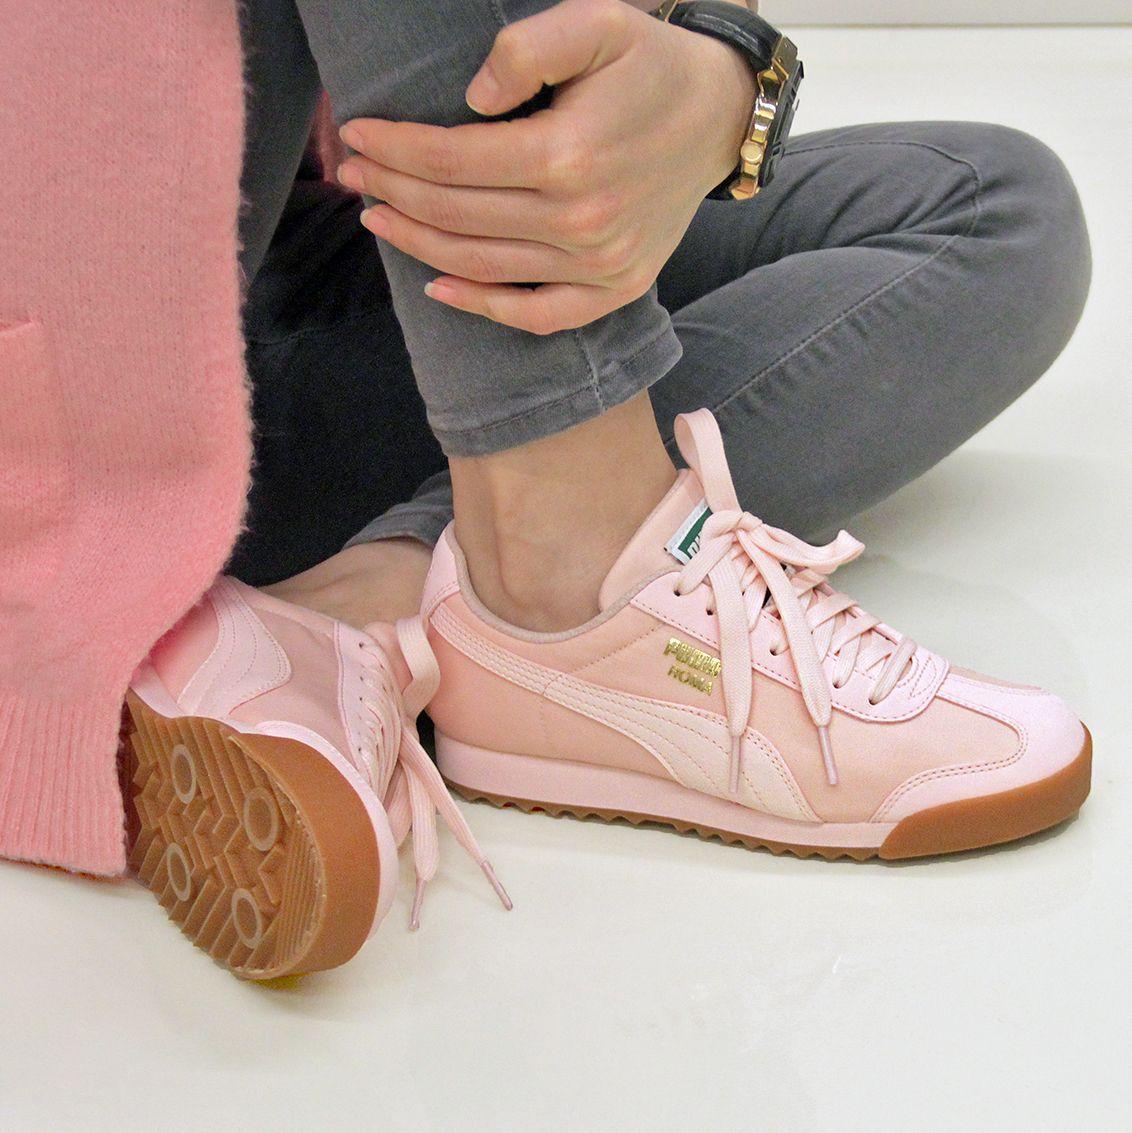 puma mujer zapatos rosas